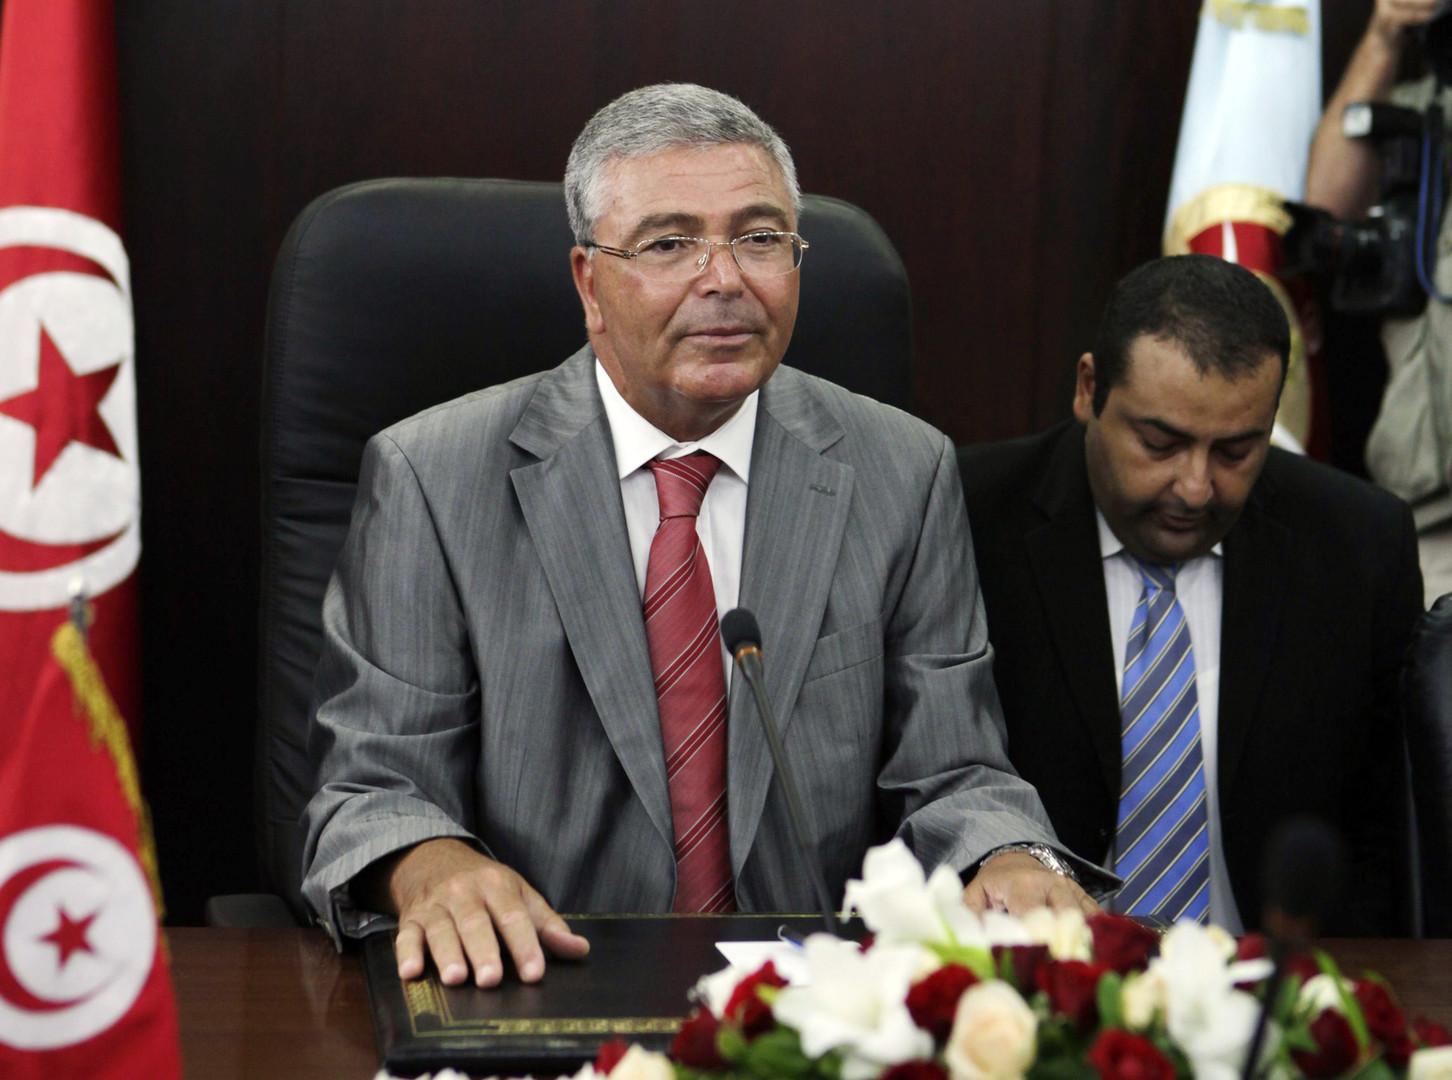 وزير الدفاع التونسي عبد الكريم الزبيدي يعلن ترشحه للرئاسة